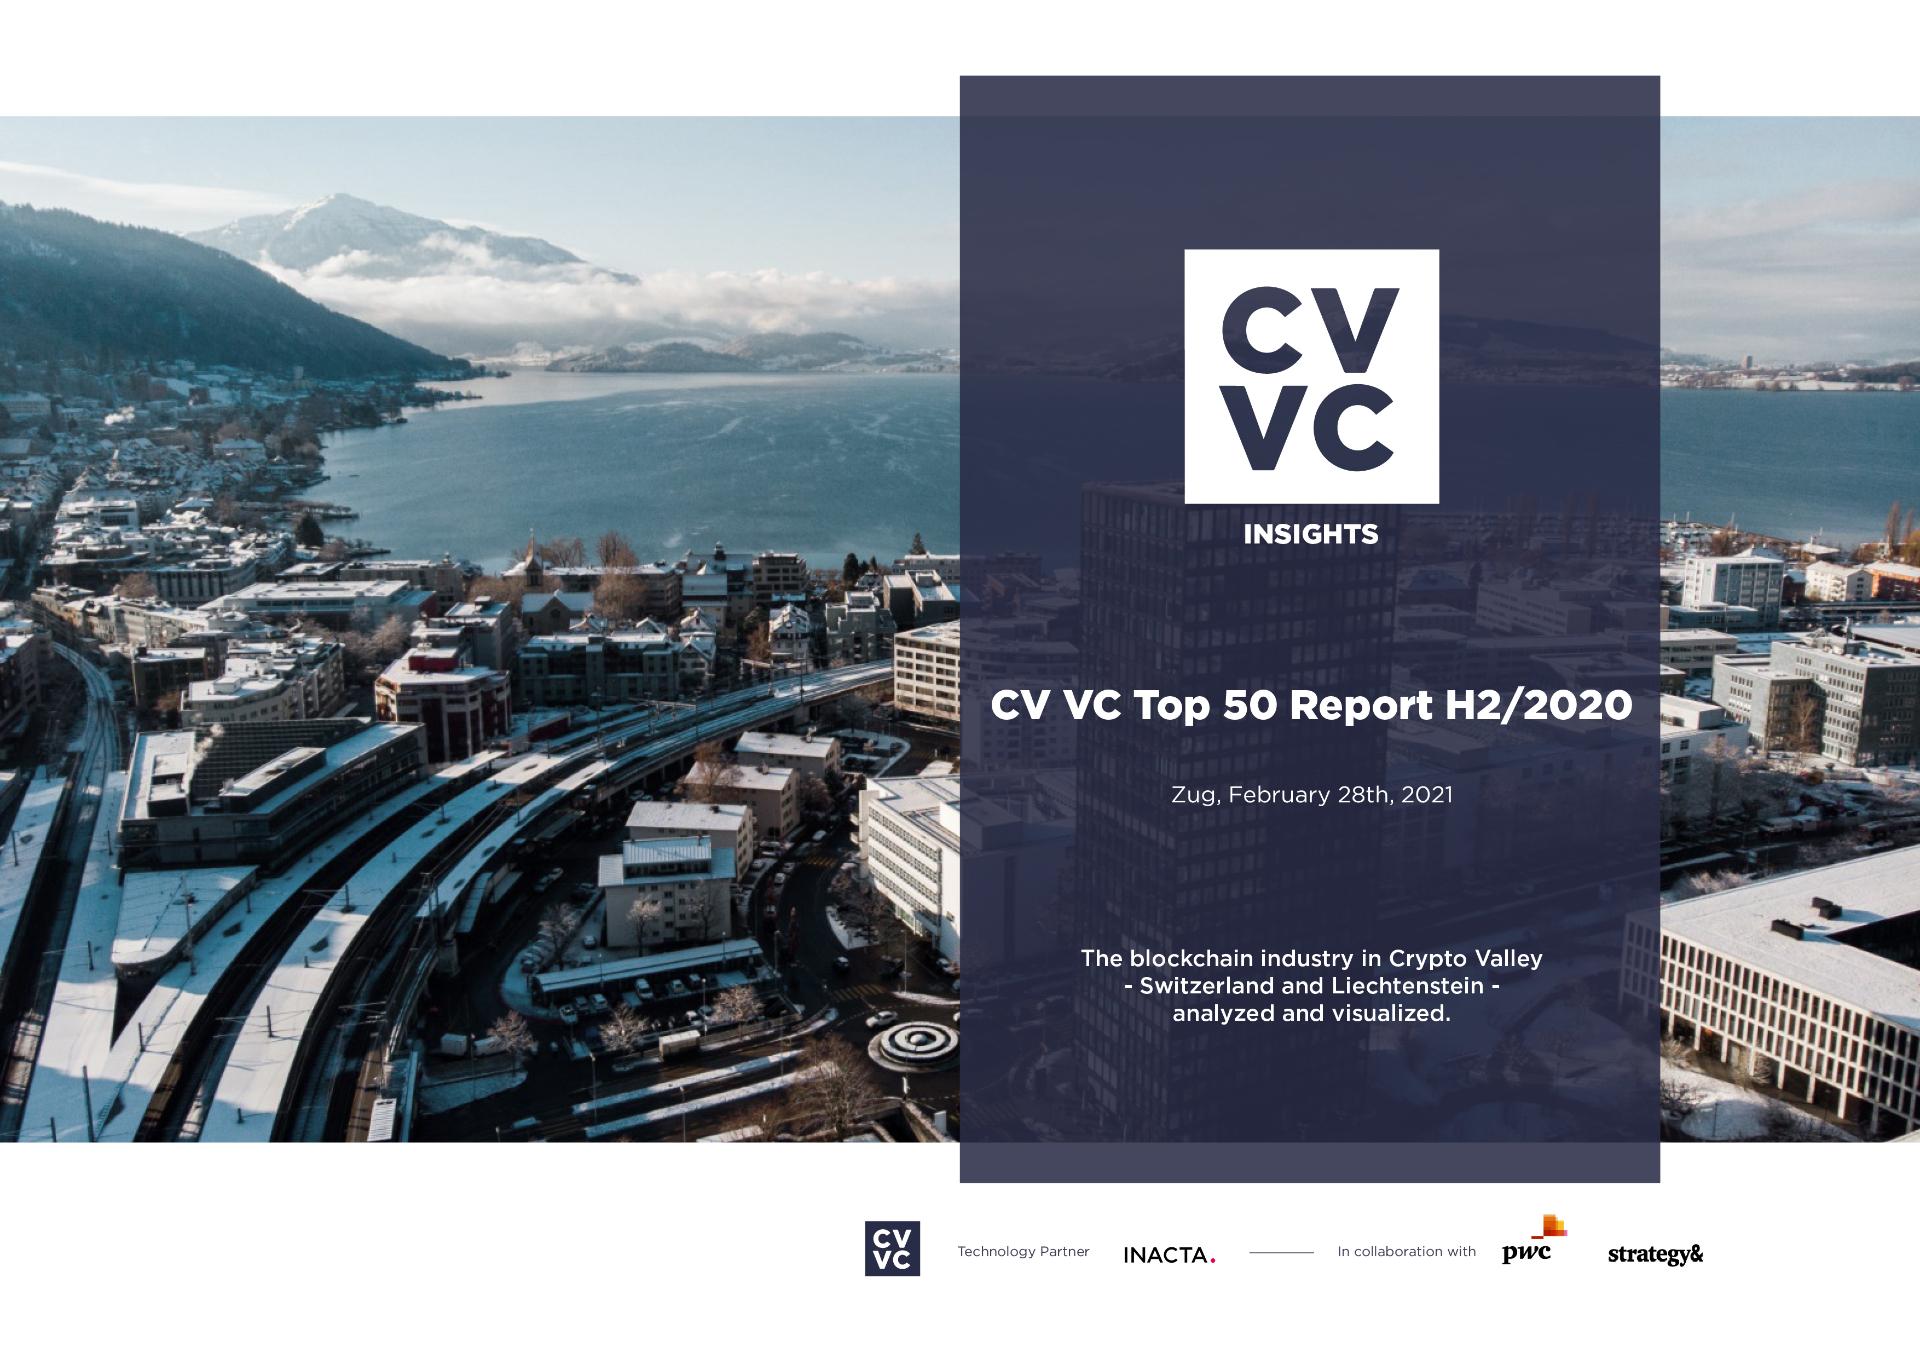 Mehr Unternehmen und mehr Mitarbeitende im Crypto Valley